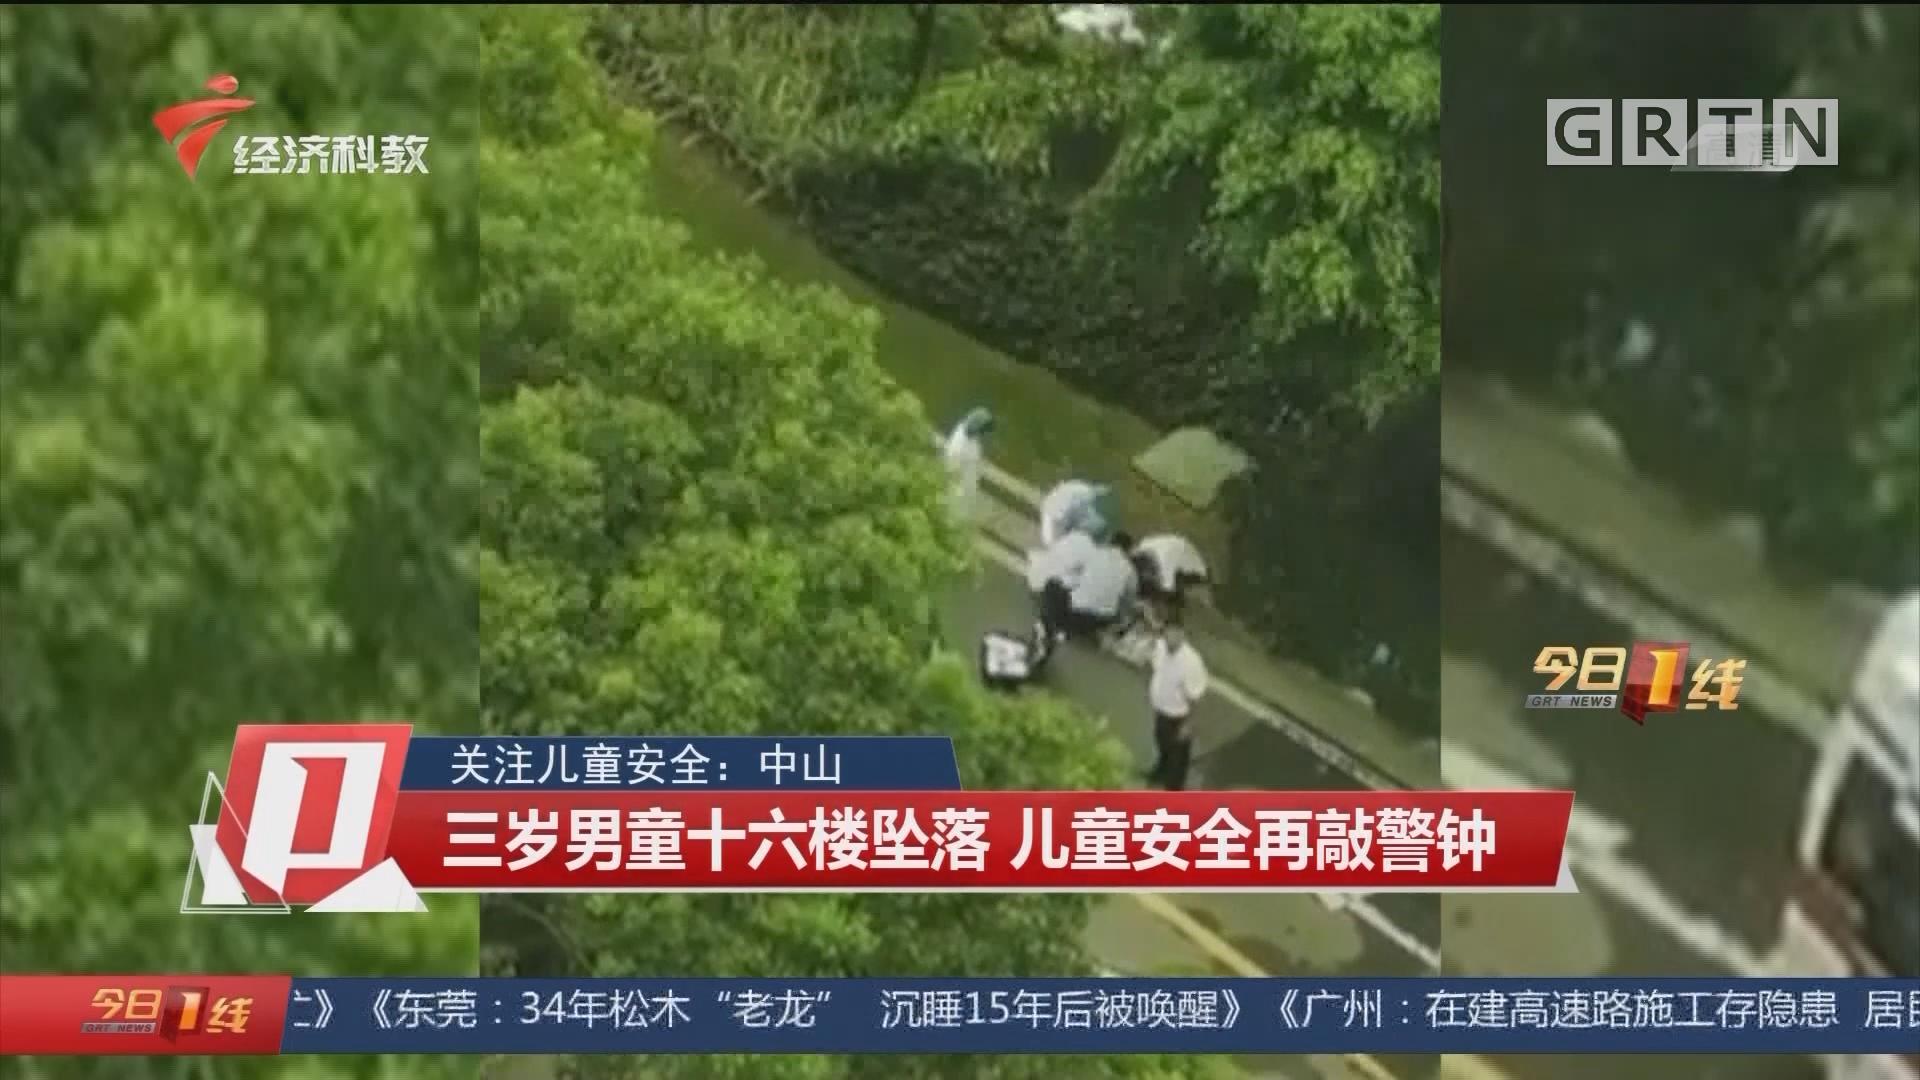 關注兒童安全:中山 三歲男童十六樓墜落 兒童安全再敲警鐘